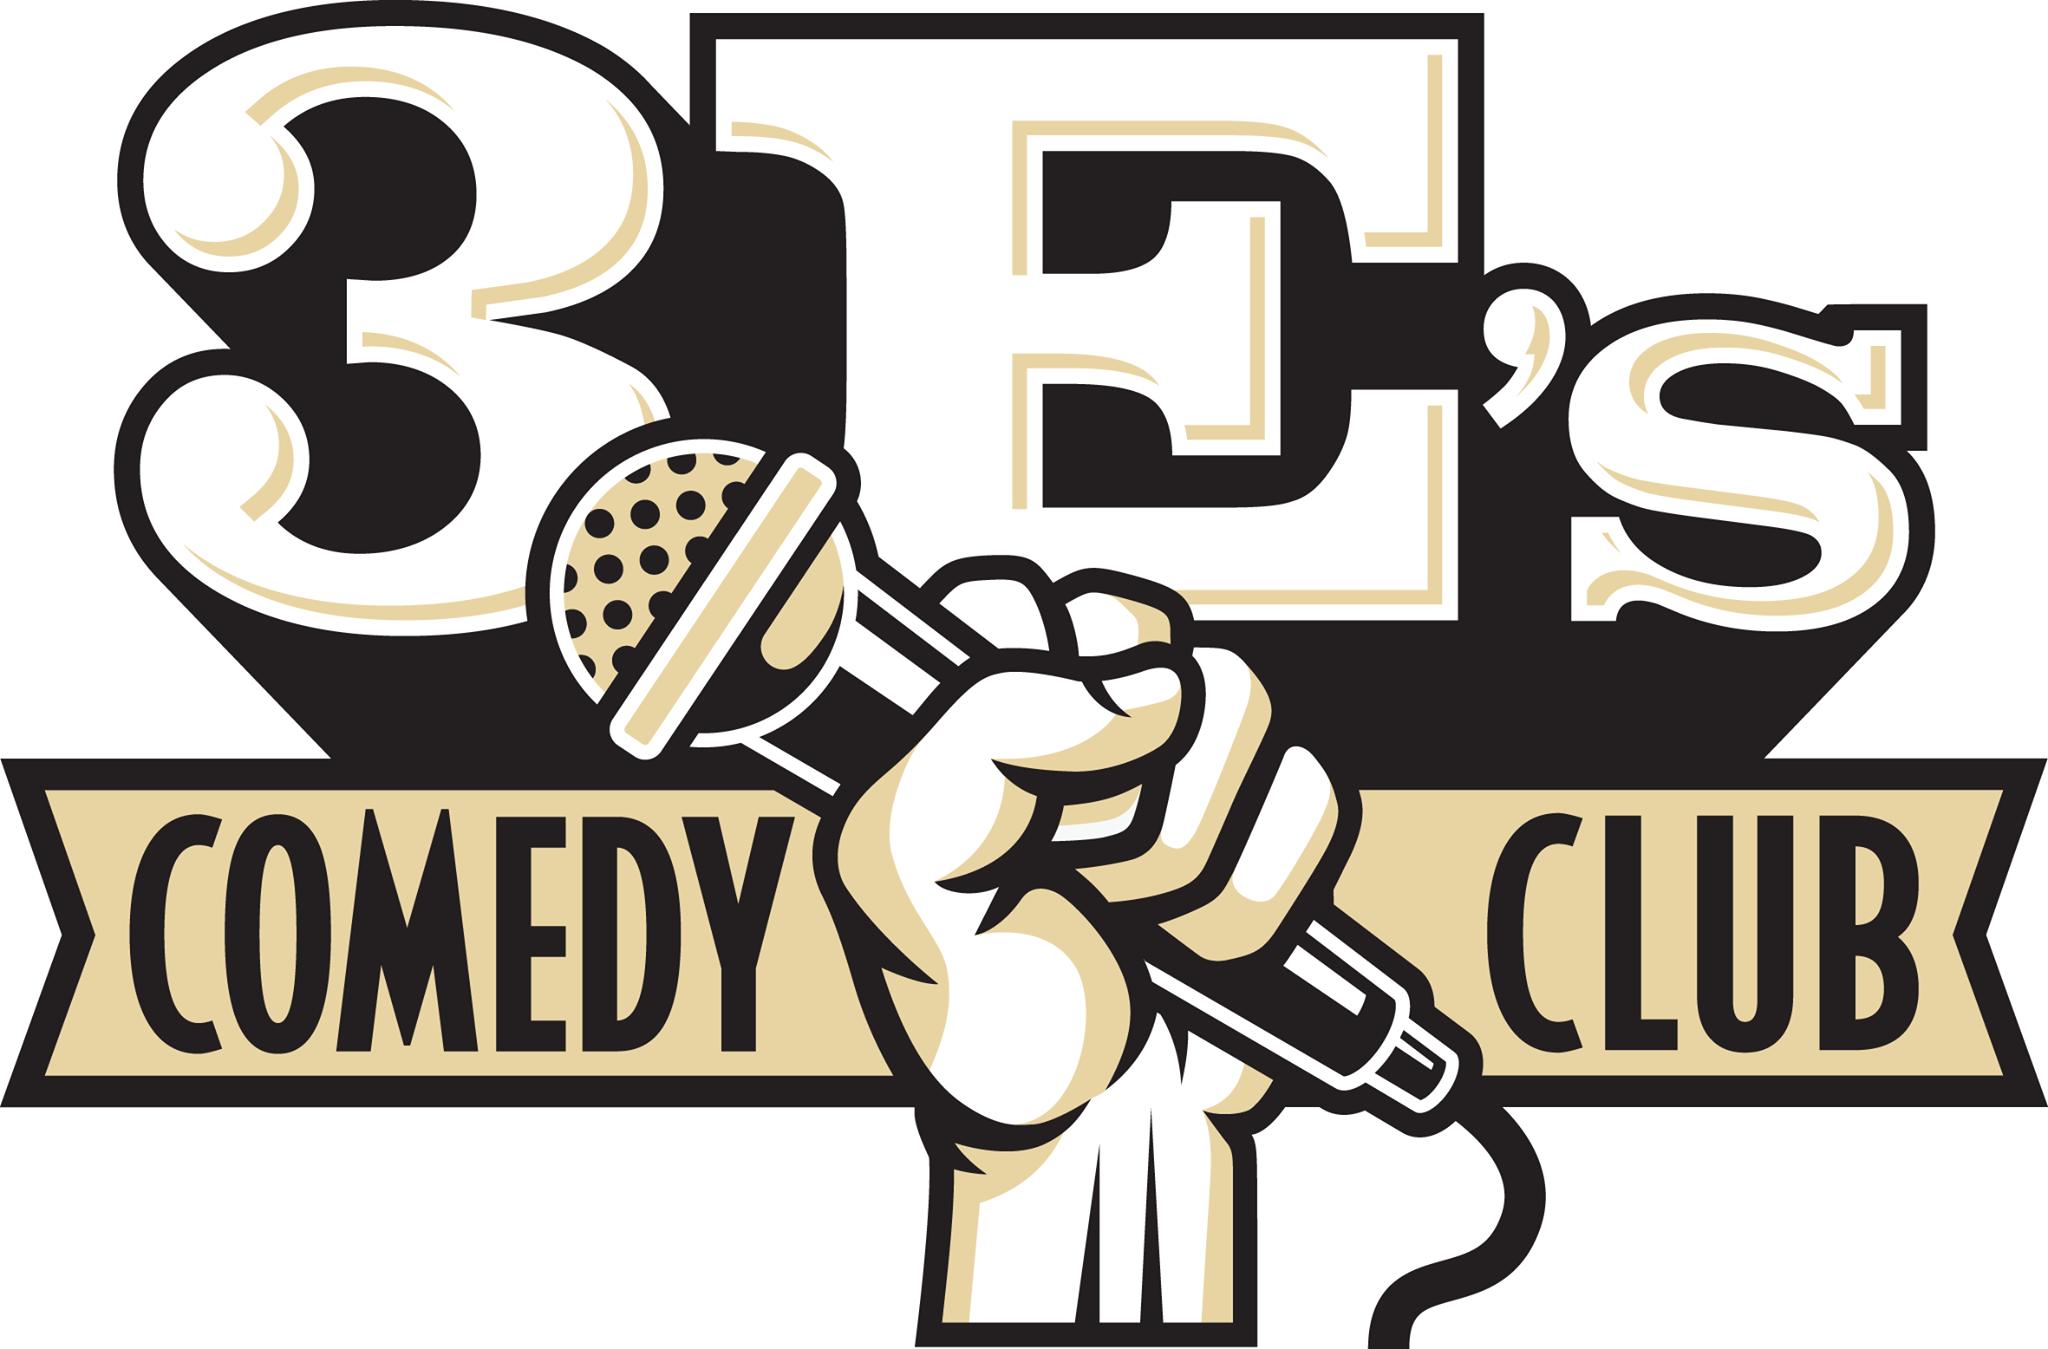 3 E's Comedy